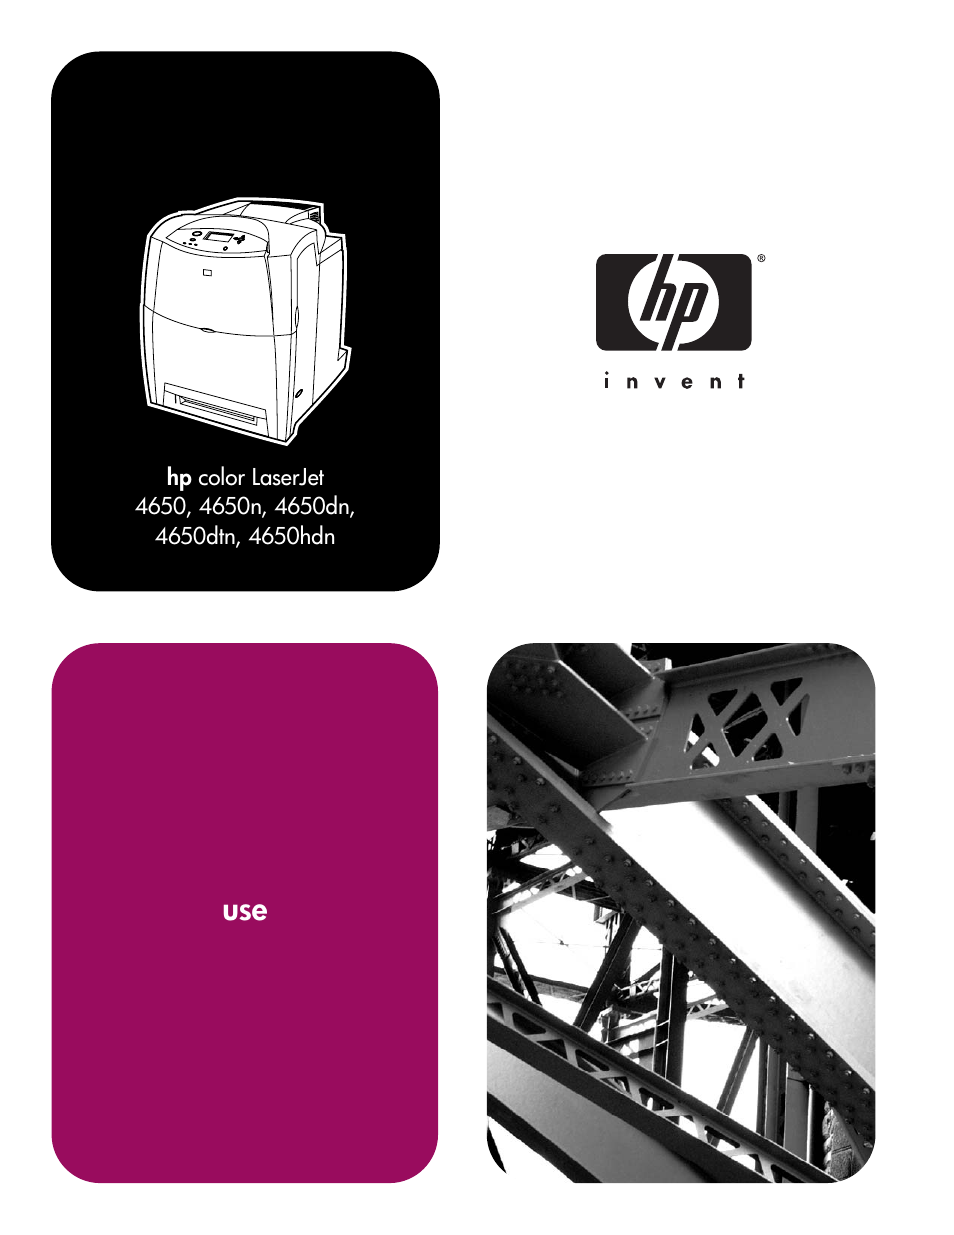 pay for hp color laserjet 4600 service repair manual download Array - hp  color laserjet 4650 printer series user manual 276 pages rh manualsdir ...